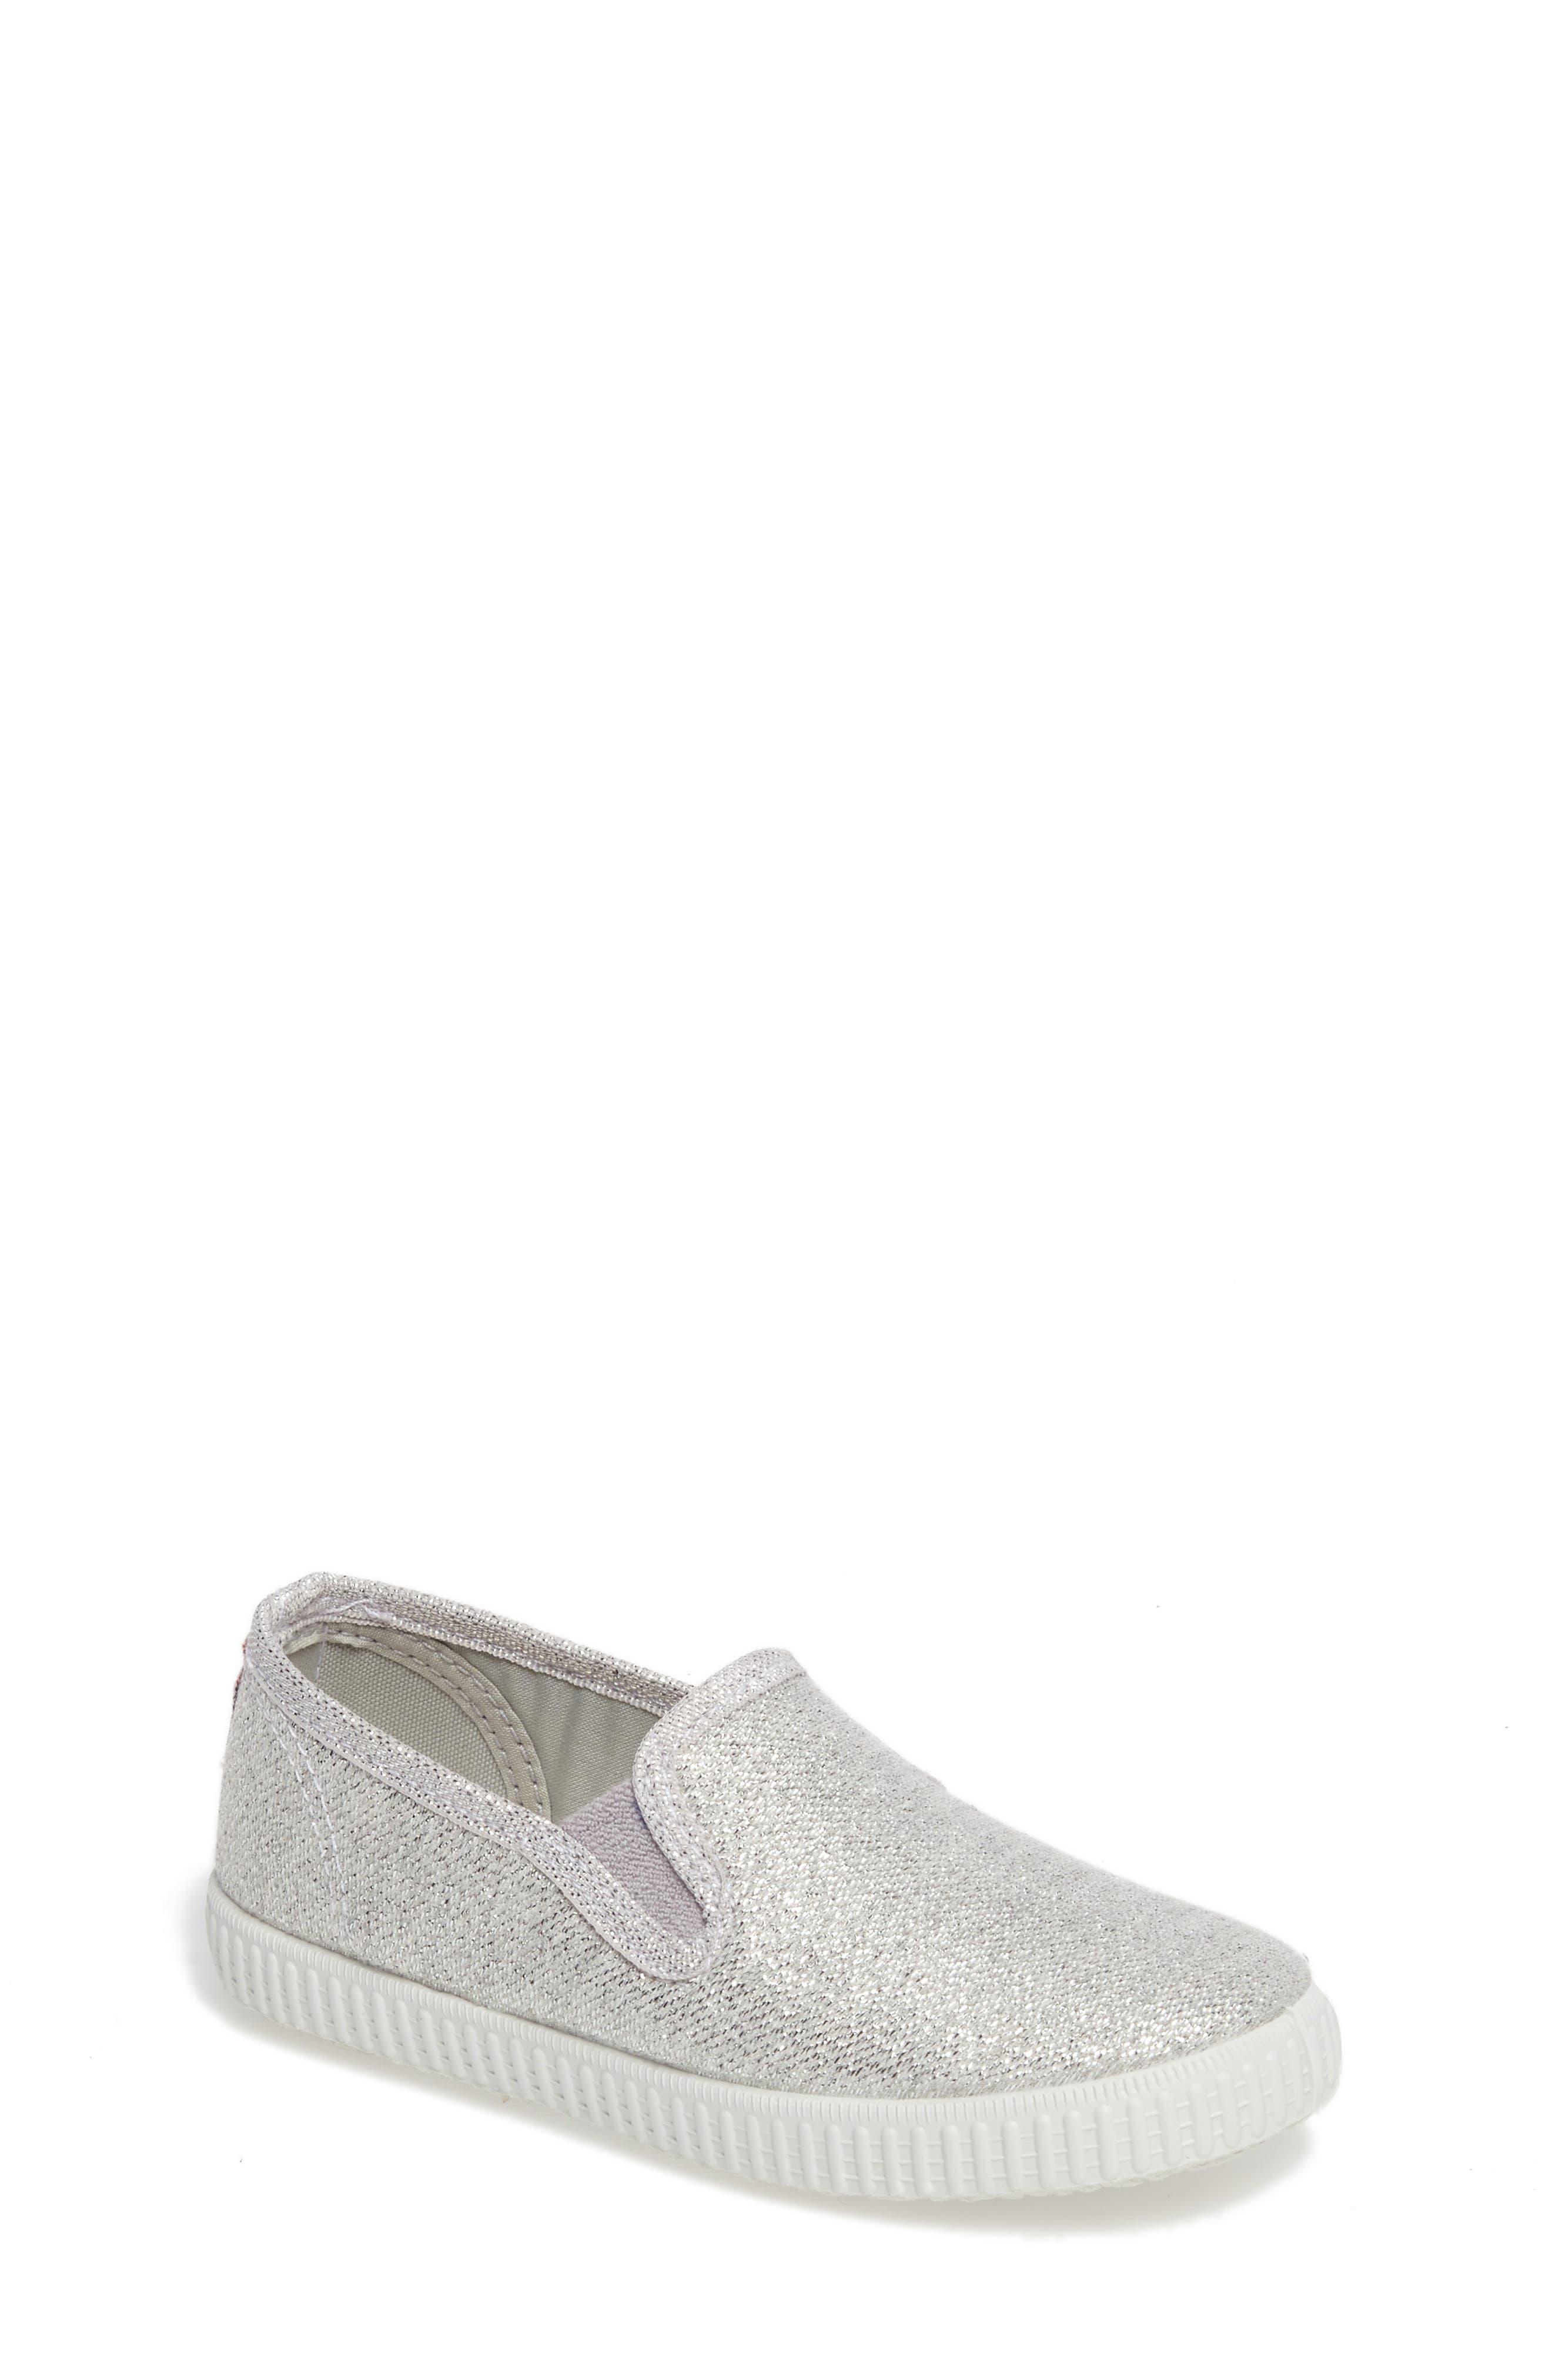 Cienta Glitter Slip-On Sneaker (Baby, Walker, Toddler and Little Kid)